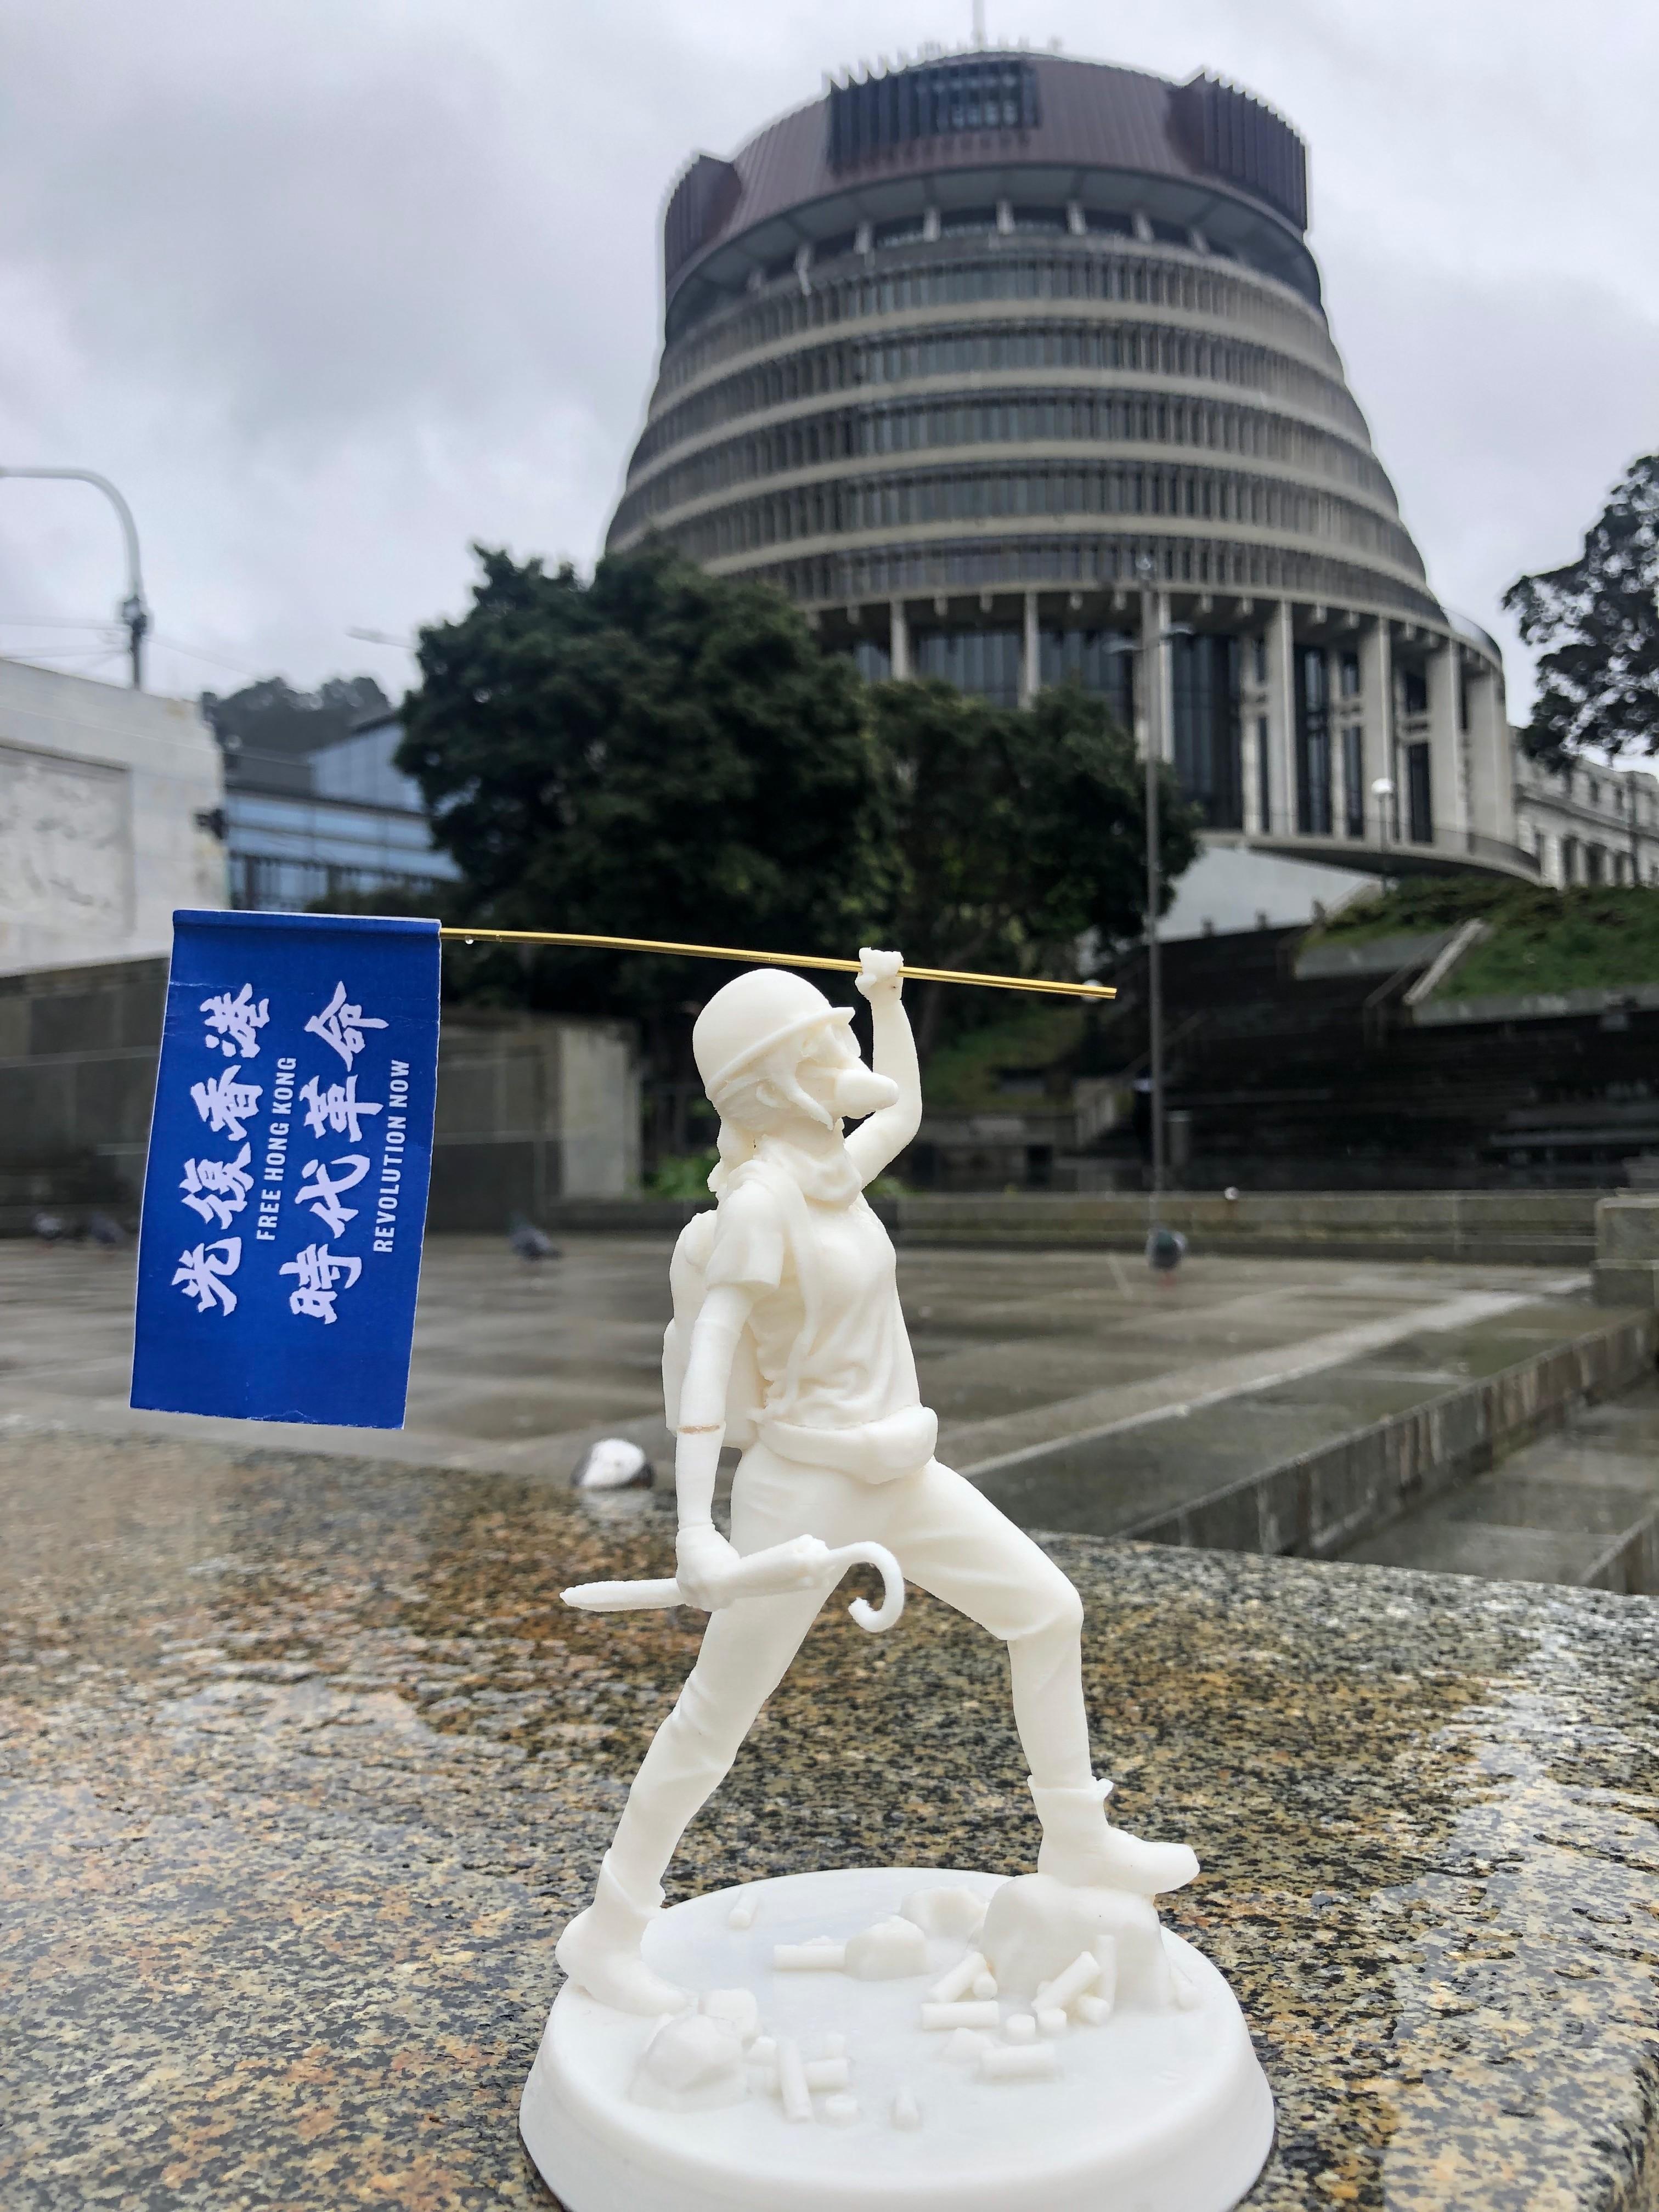 香港自由女神像相片为藏品之一。(纽西兰国家博物馆提供)